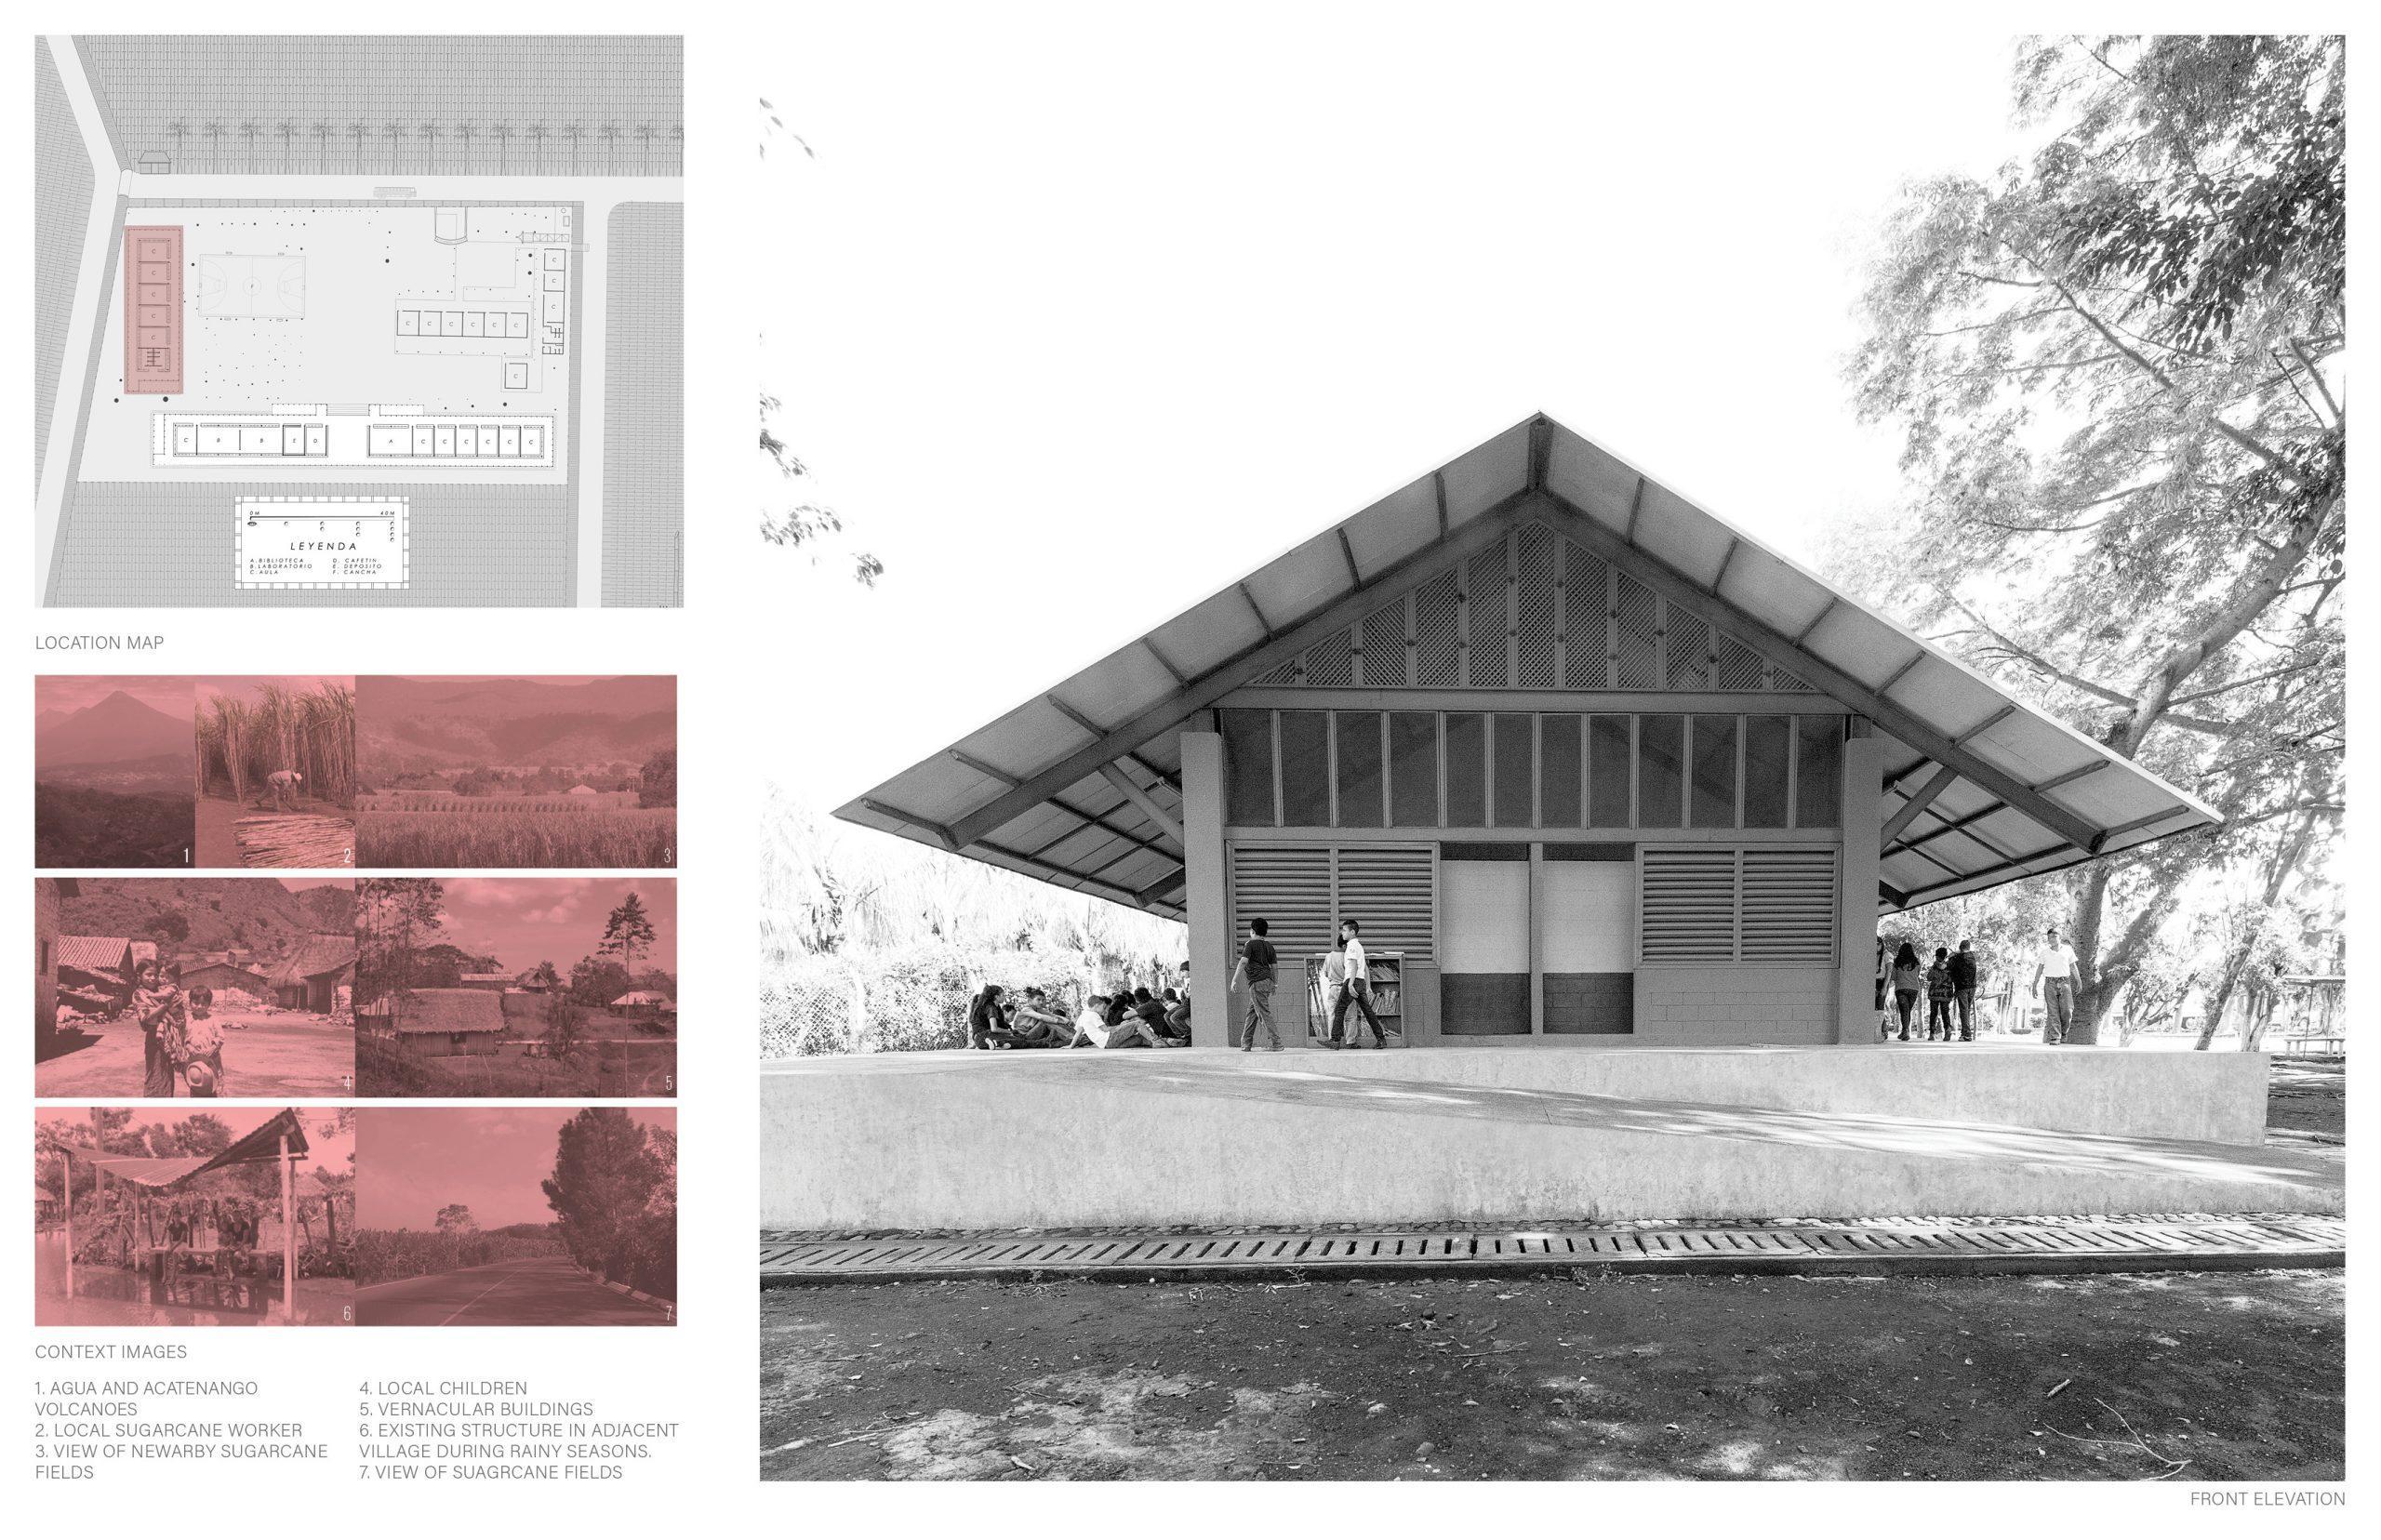 Honorable Mention In Architectural Design Escuelita Buganvilia 01